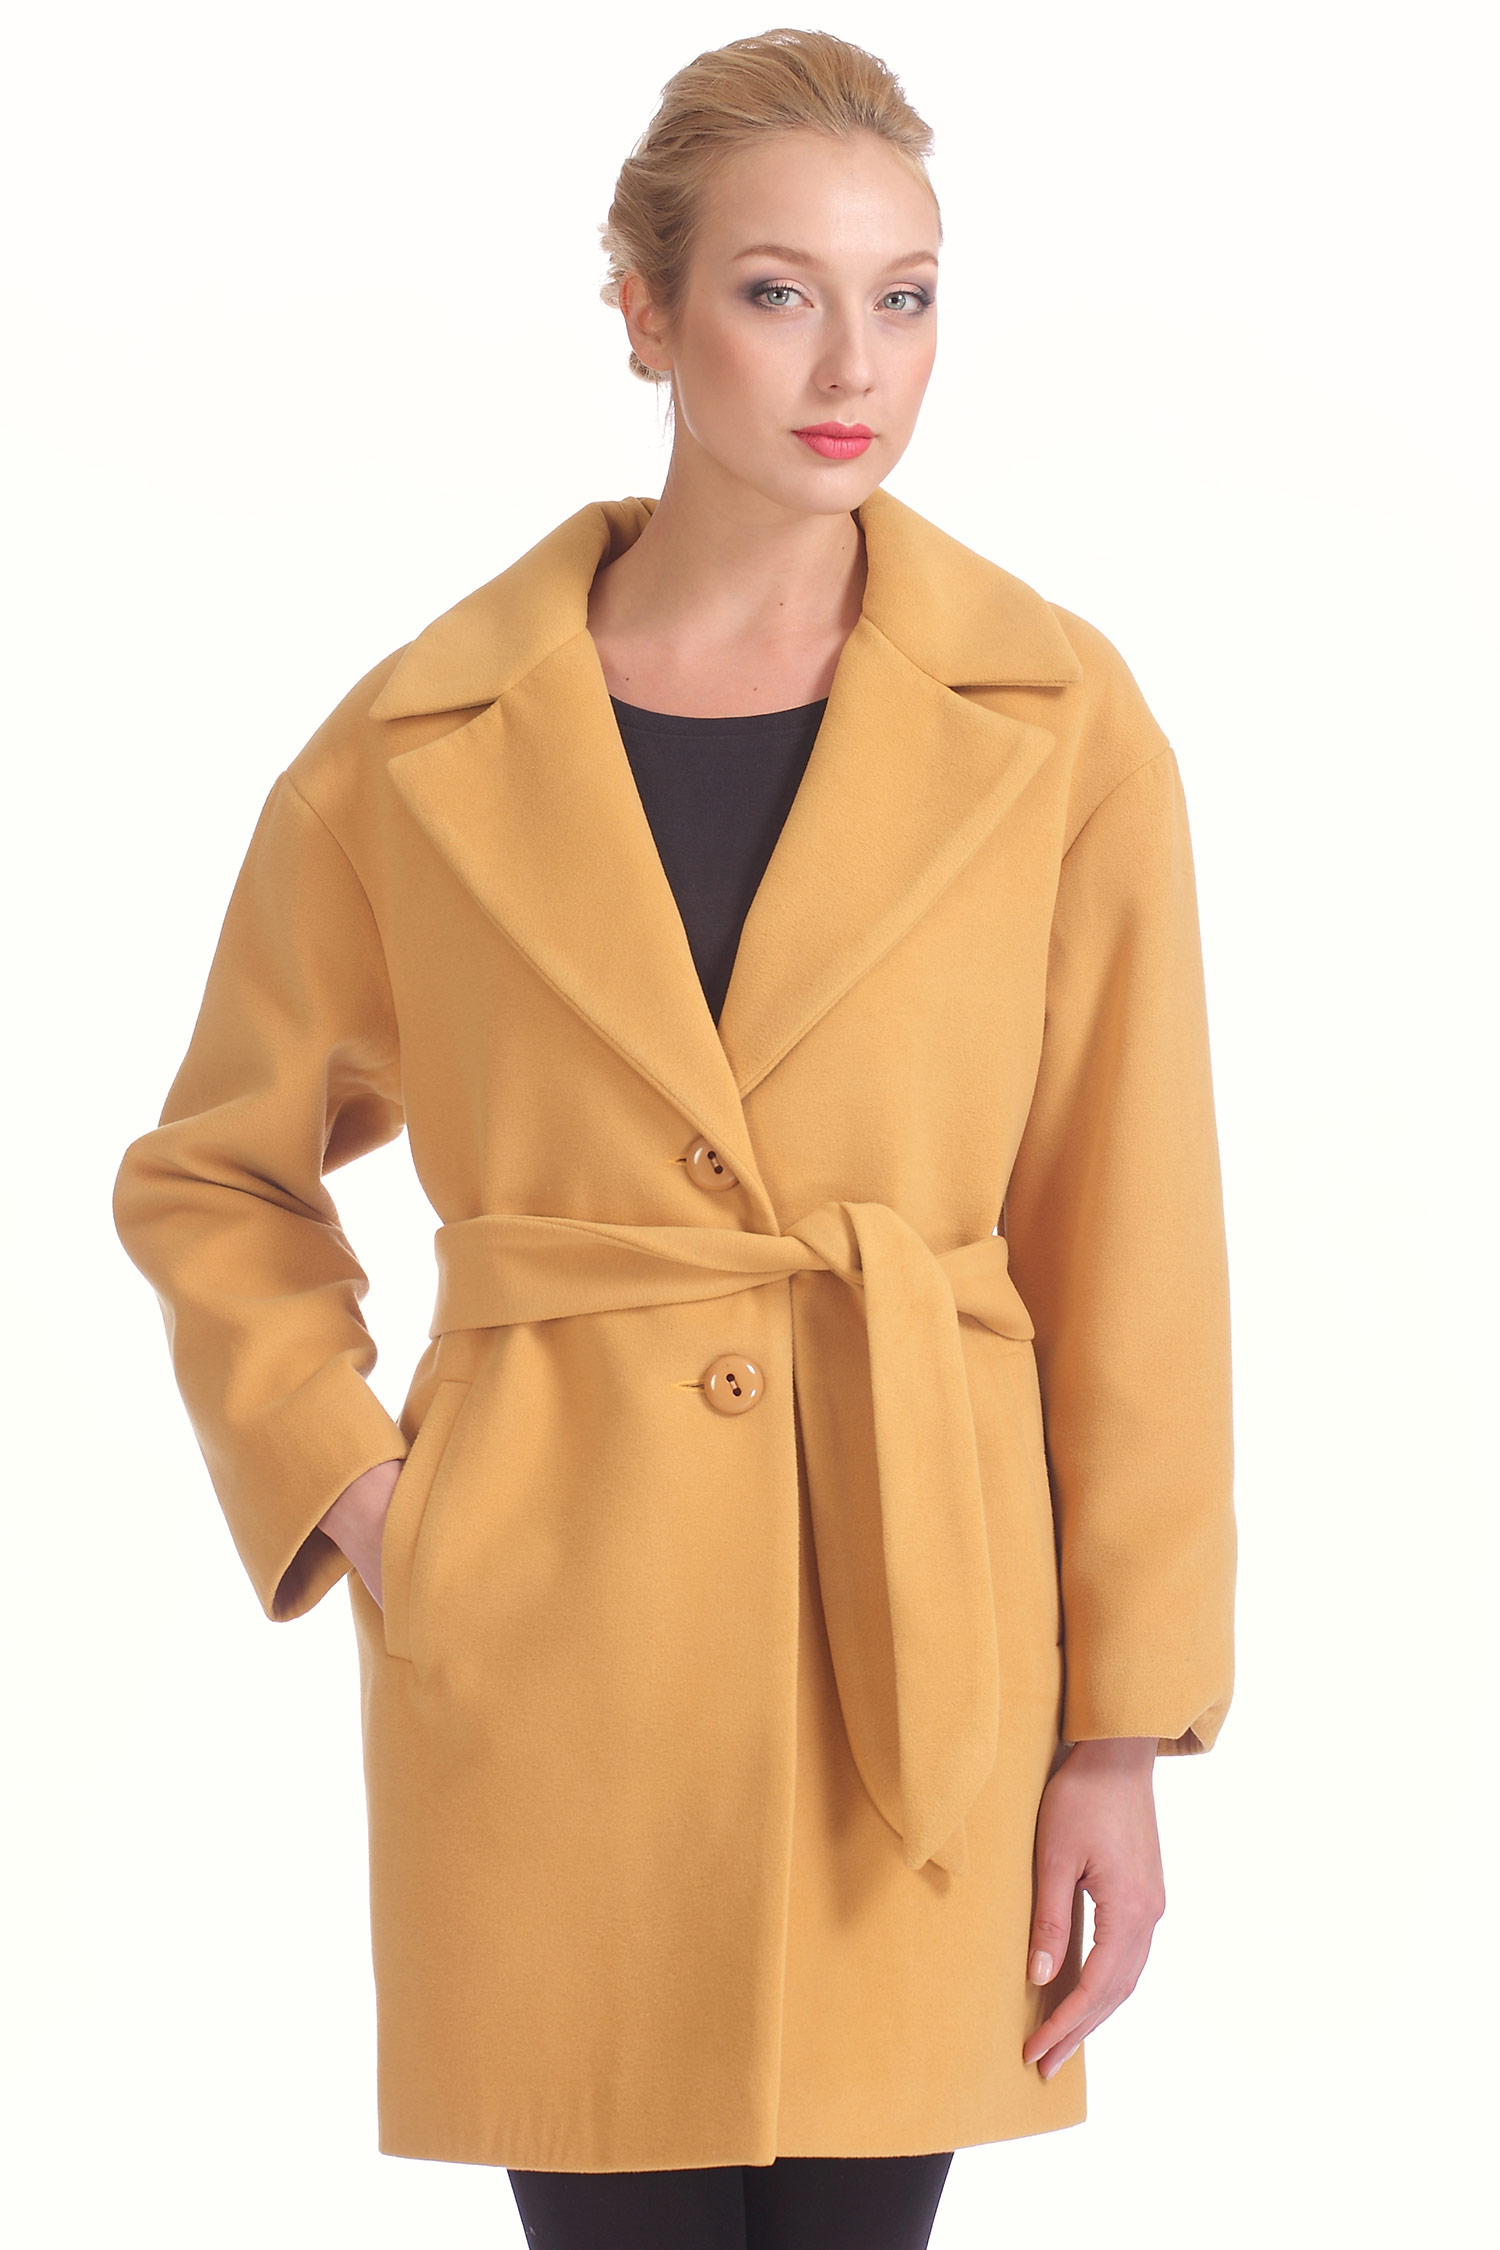 Женское пальто с воротником, без отделки<br><br>Воротник: английский<br>Длина см: Длинная (свыше 90)<br>Материал: Комбинированный состав<br>Цвет: горчичный<br>Вид застежки: центральная<br>Застежка: на пуговицы<br>Пол: Женский<br>Размер RU: 50